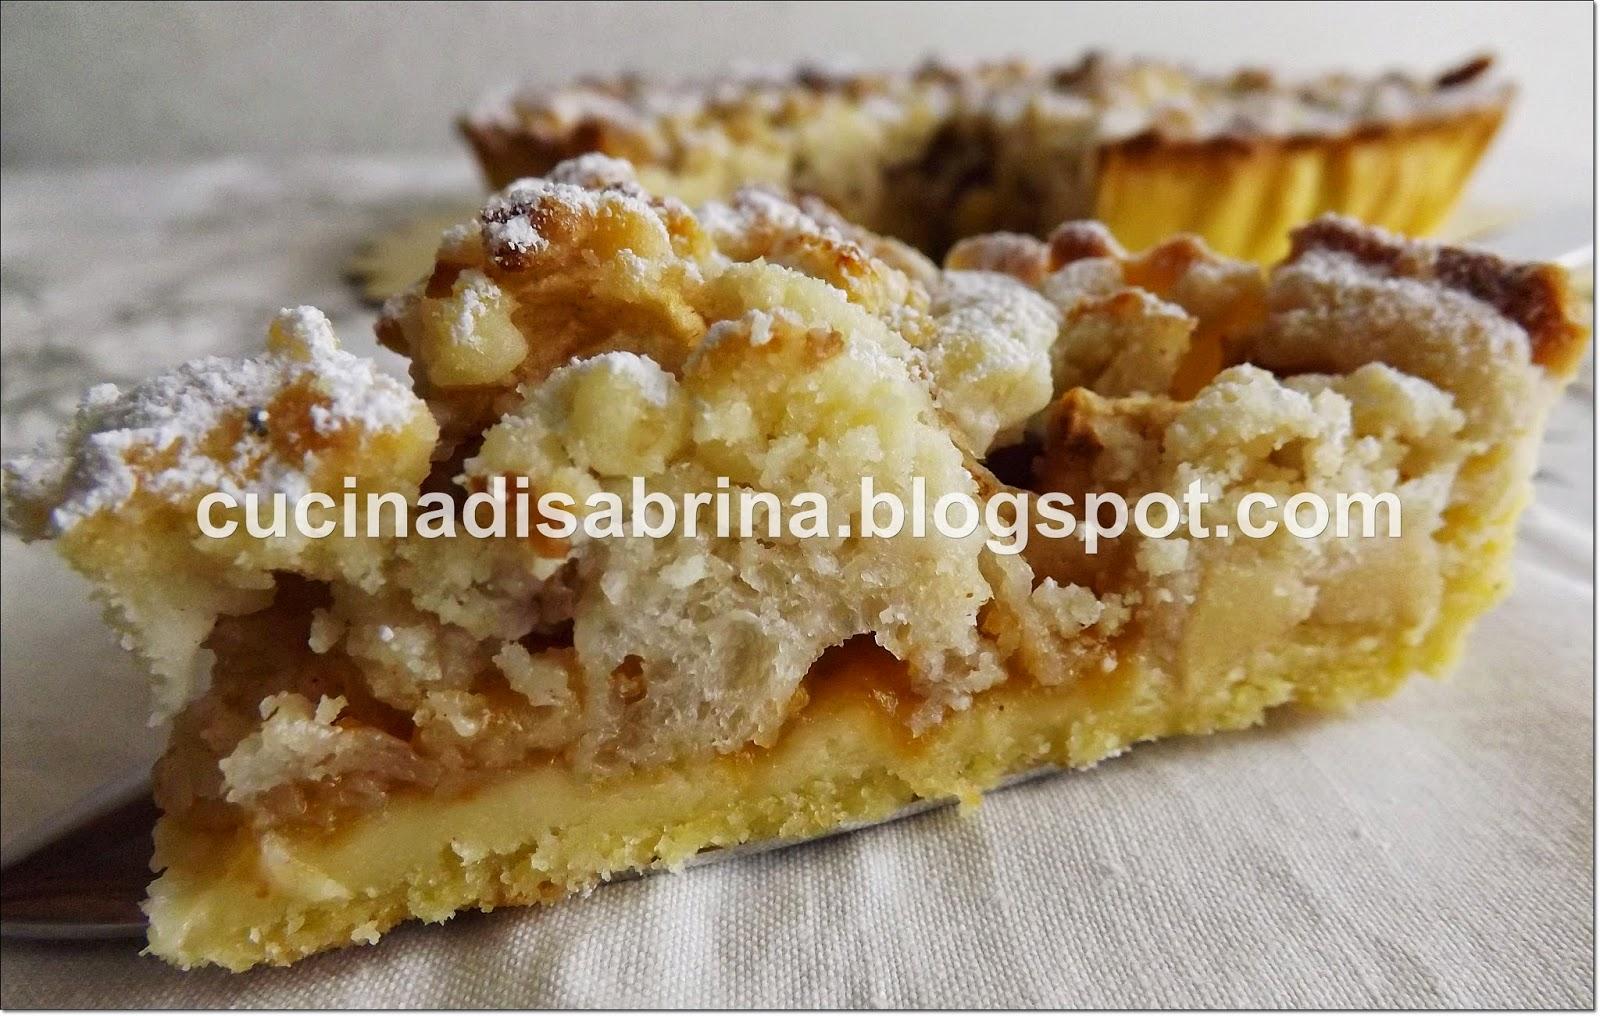 La cucina di sabrina crostata di pane e mele in crosta for Crostata di mele